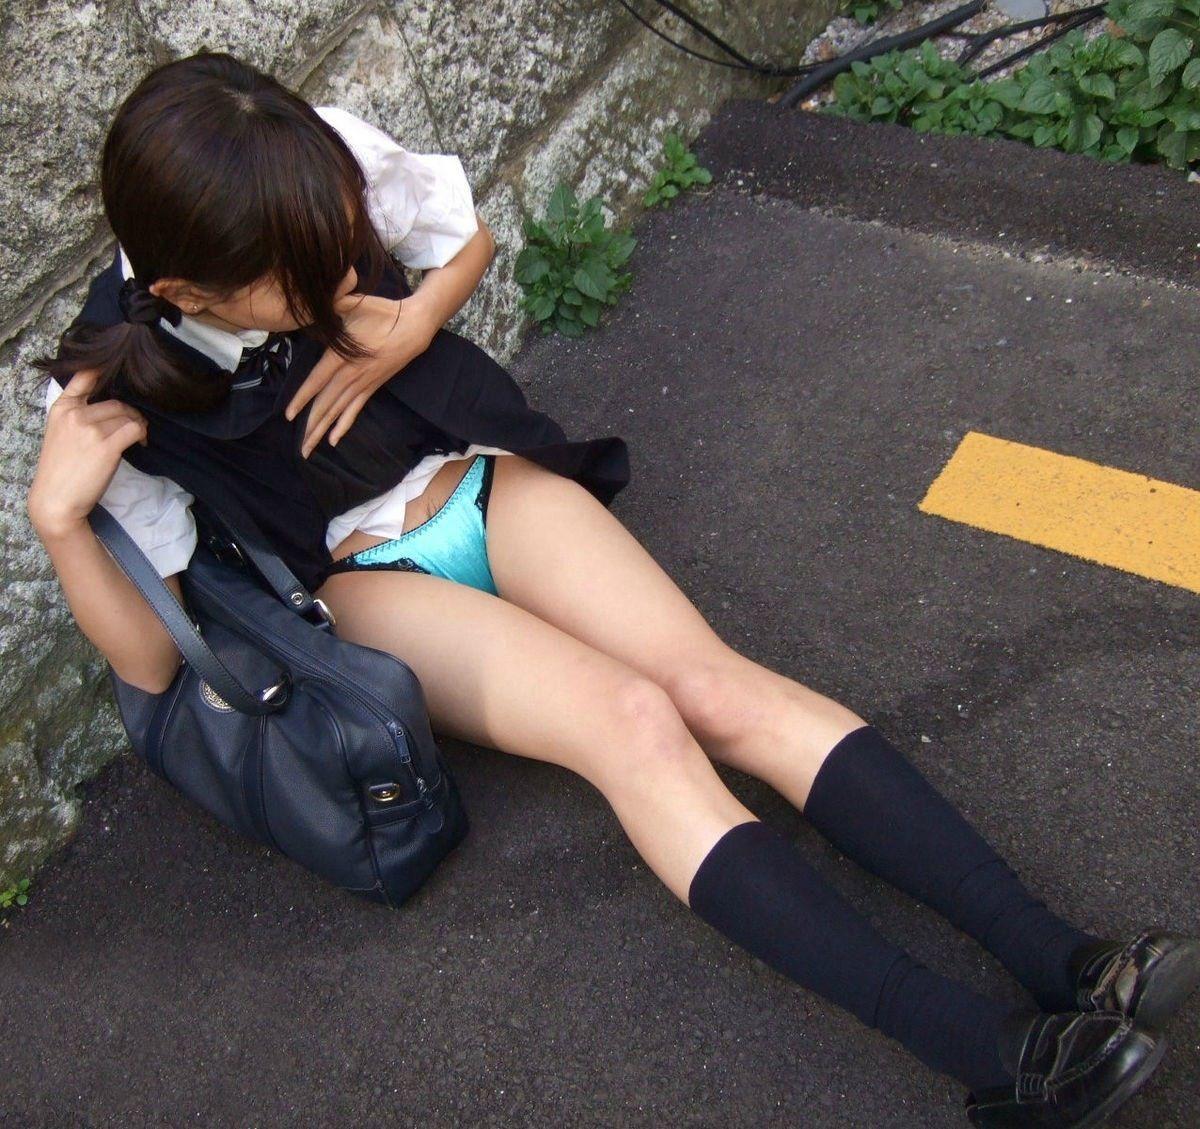 JKパンティ見せ 男「パンツ見せてくれるだけでいいから!」→JK「はい、どうぞ」っ ...